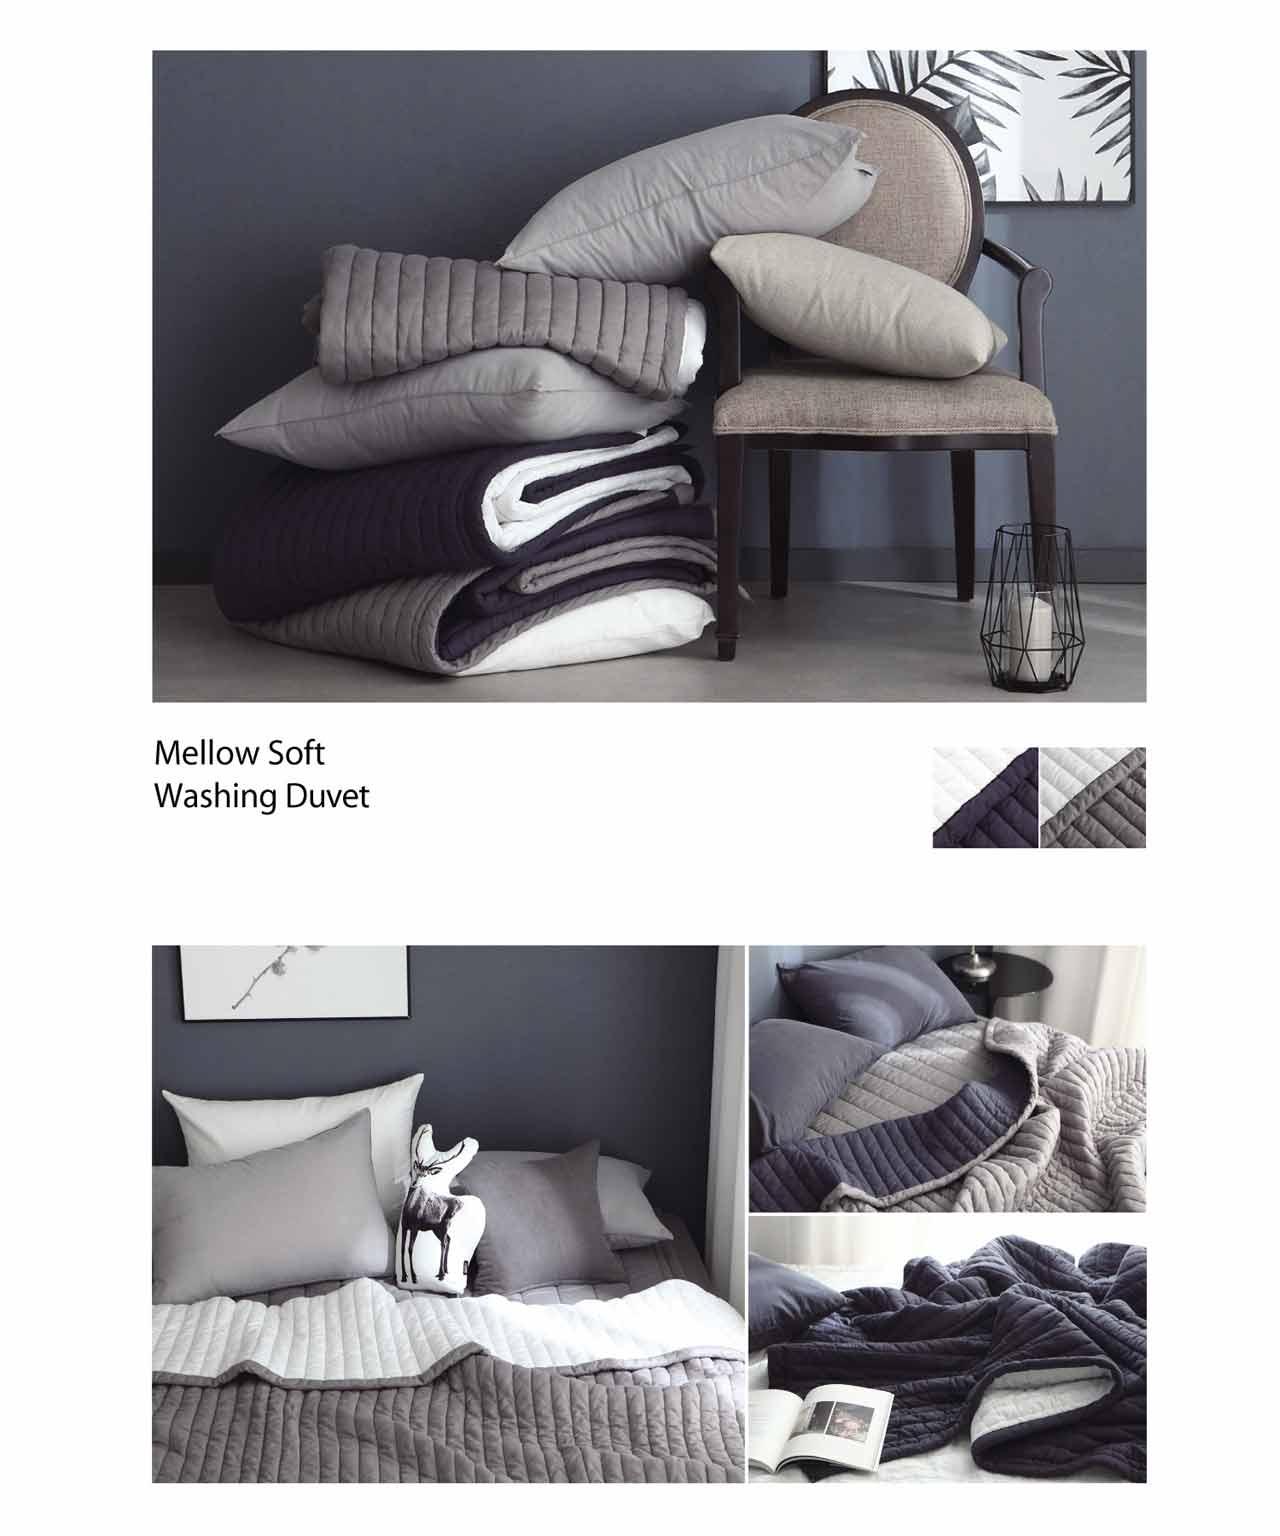 Bộ chăn mền Mellow soft